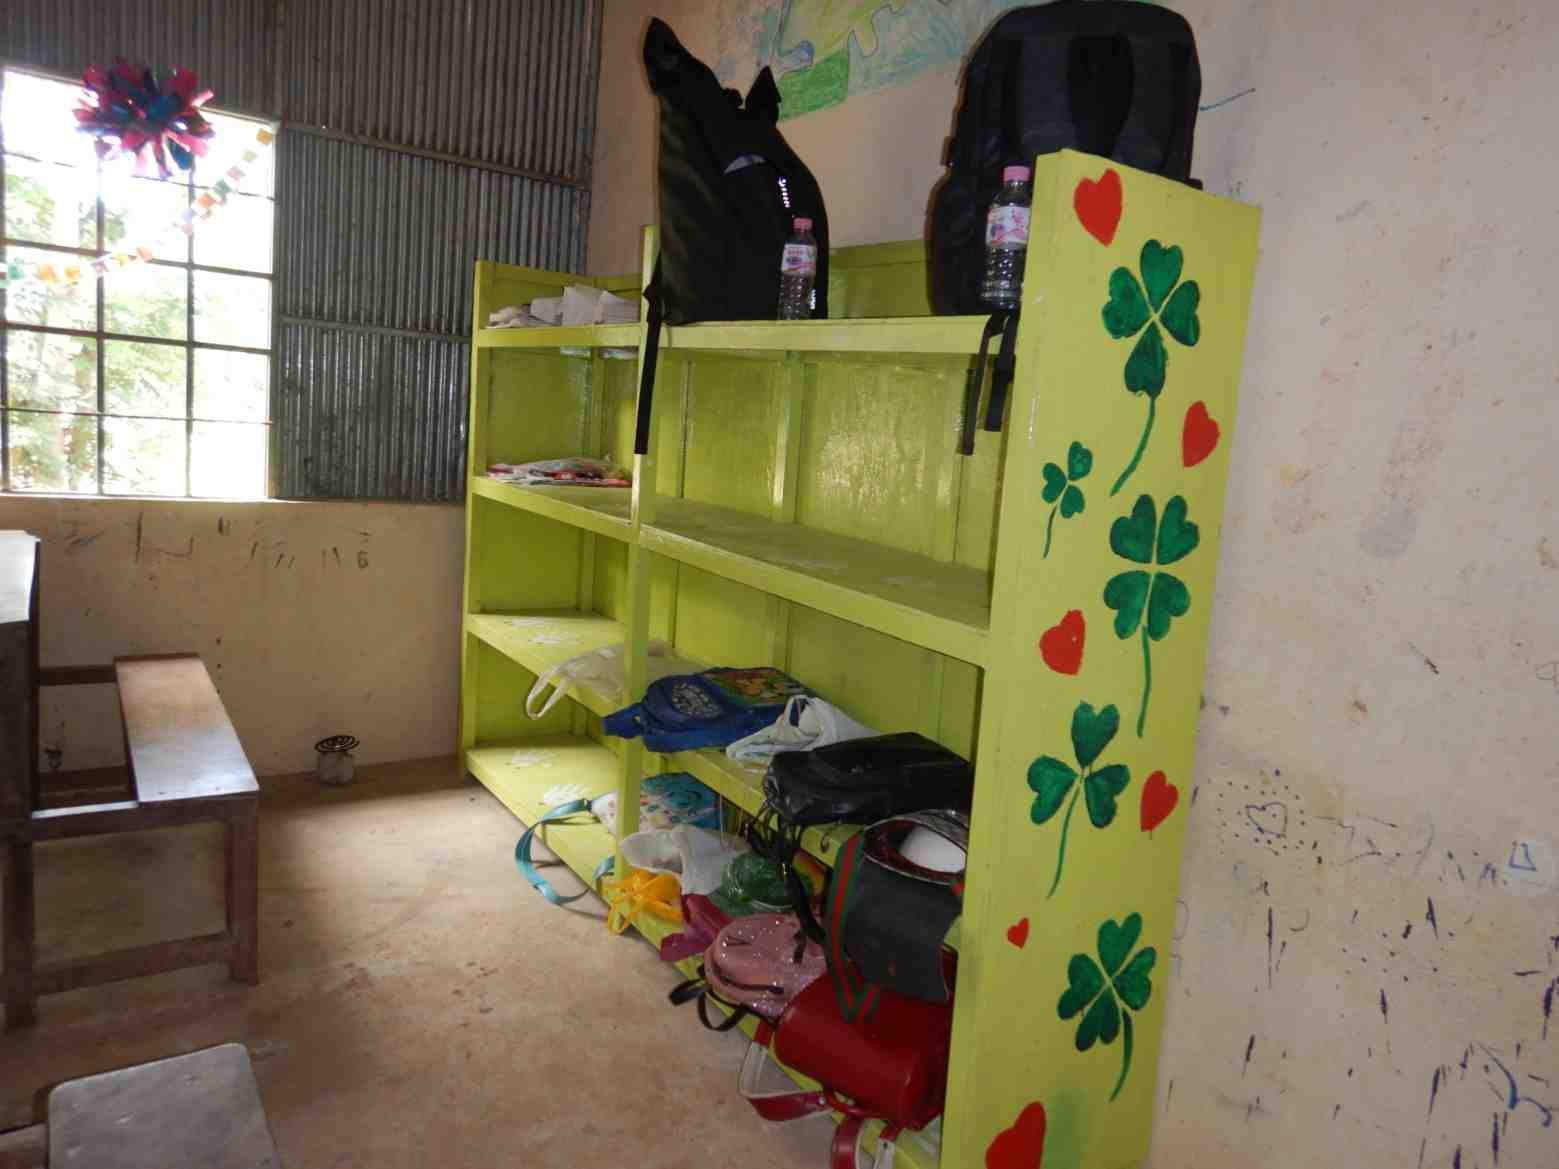 ついに教室に荷物棚が!14